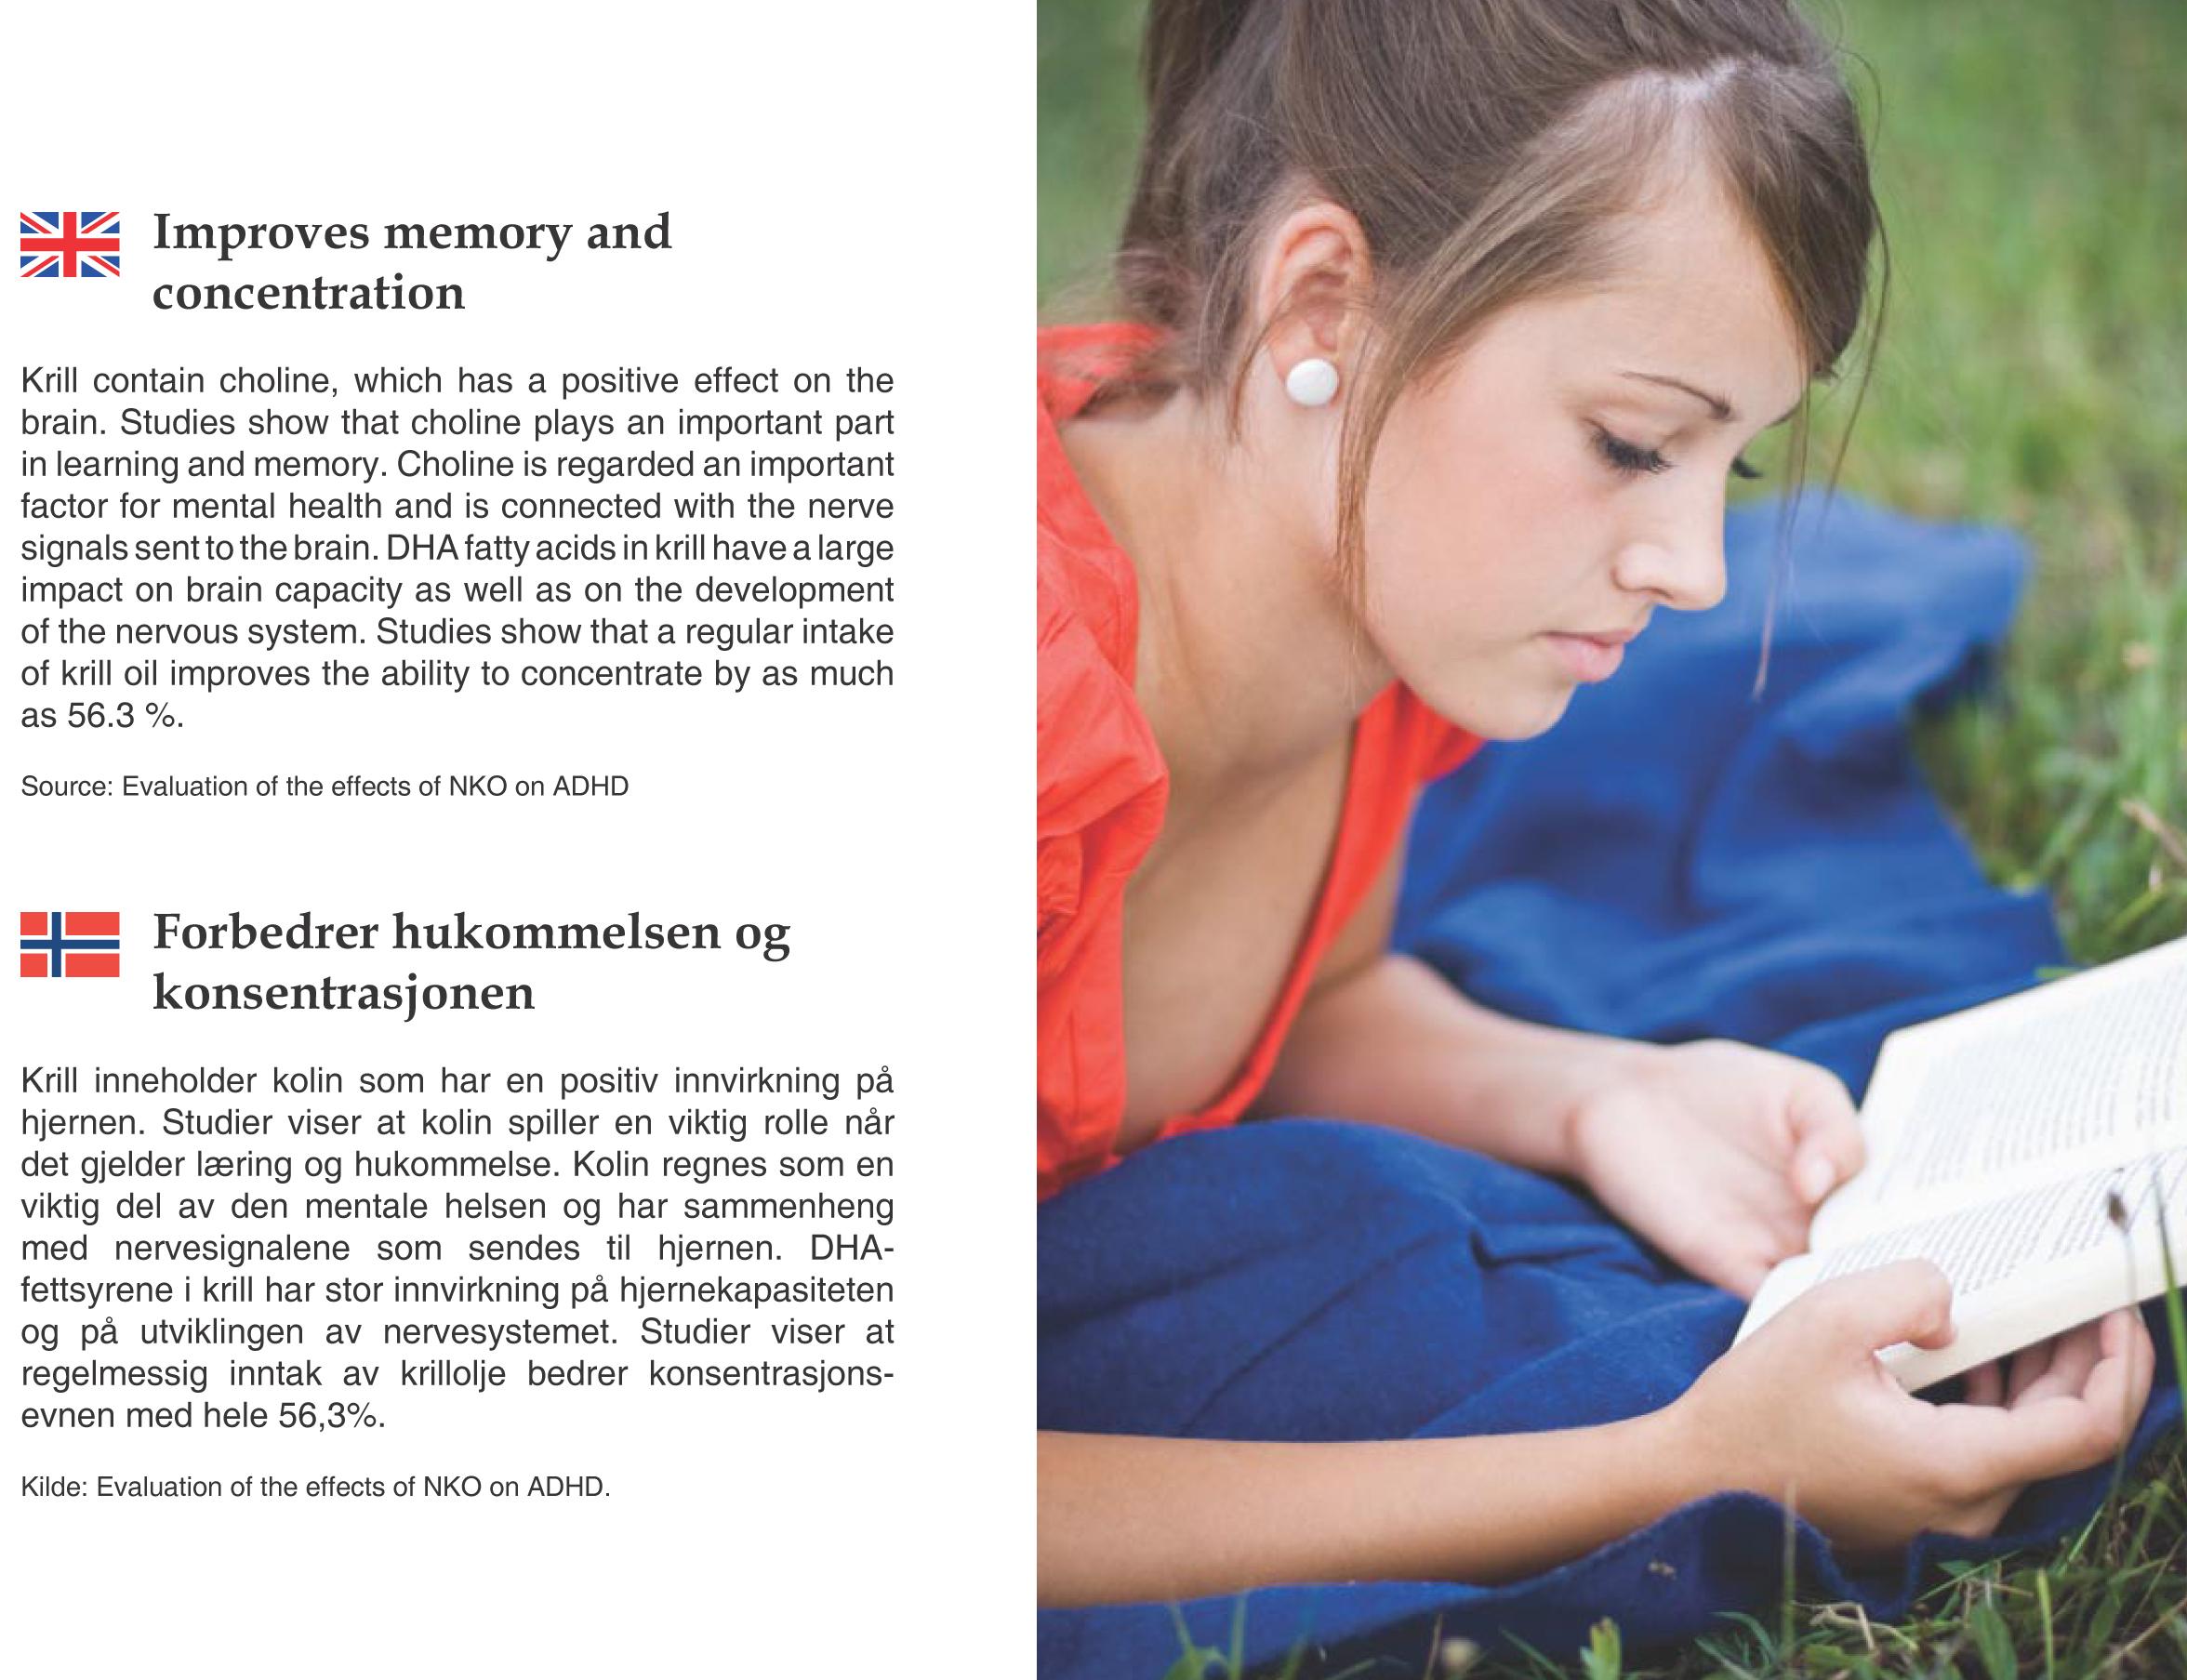 brosjyre-8.jpg